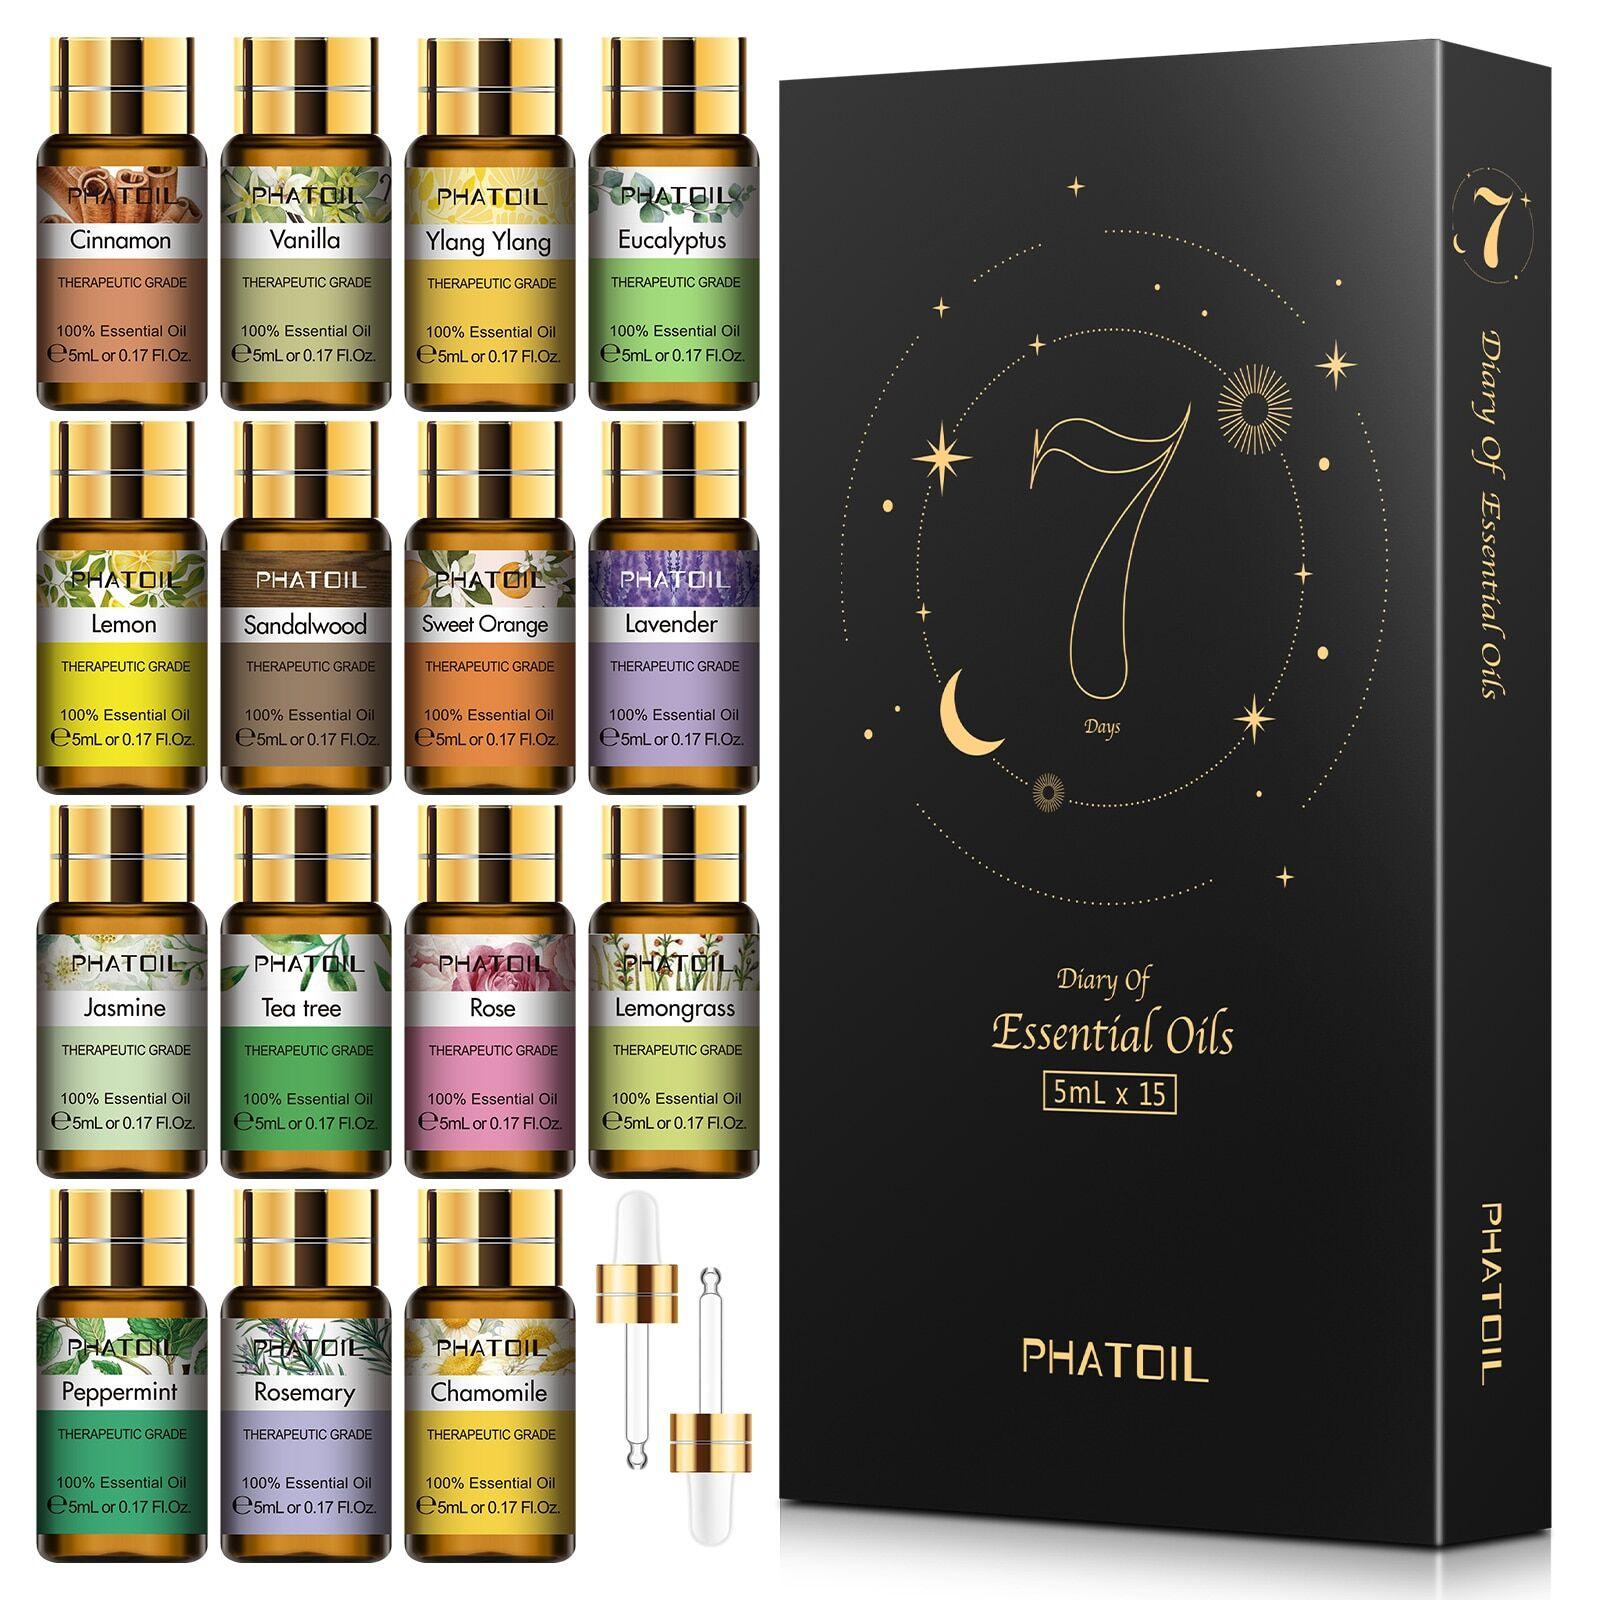 AliExpress Huiles essentielles pures 15 pièces, coffret cadeau, diffuseur d'huile essentielle aromatique